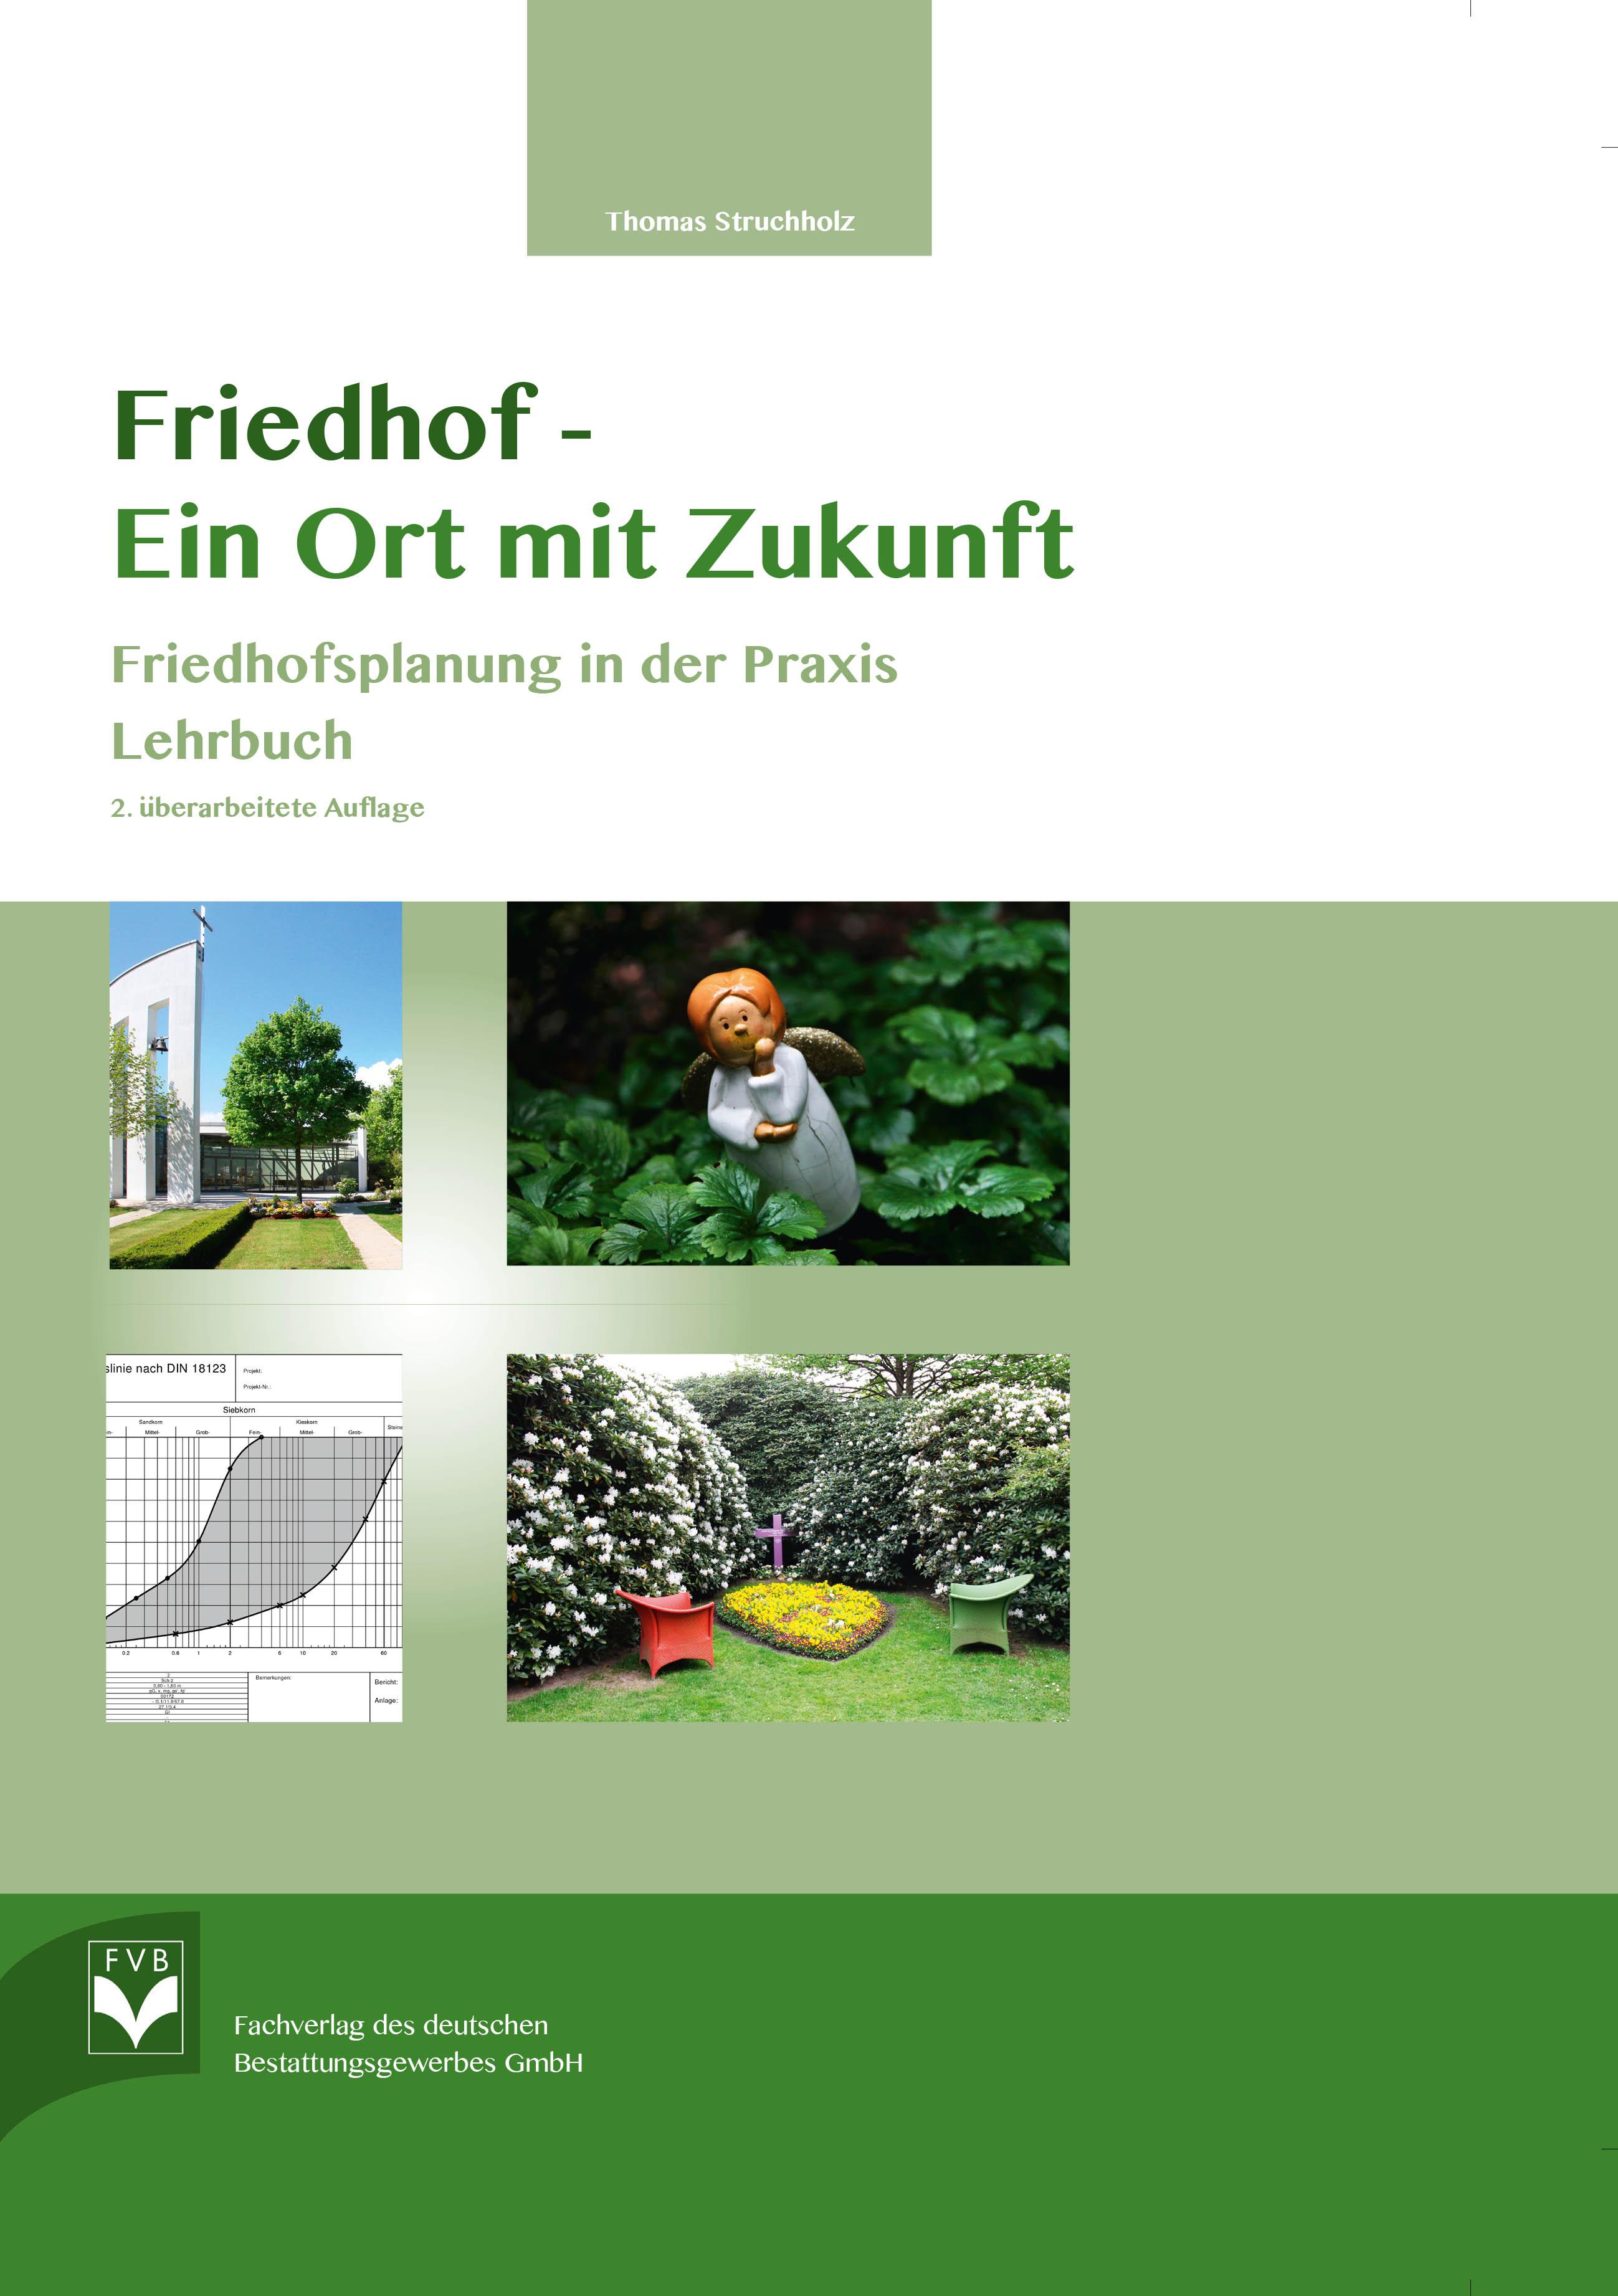 Friedhof - Ein Ort mit Zukunft Friedhofsplanung in der Praxis – Lehrbuch - 2. überarbeitete Auflage